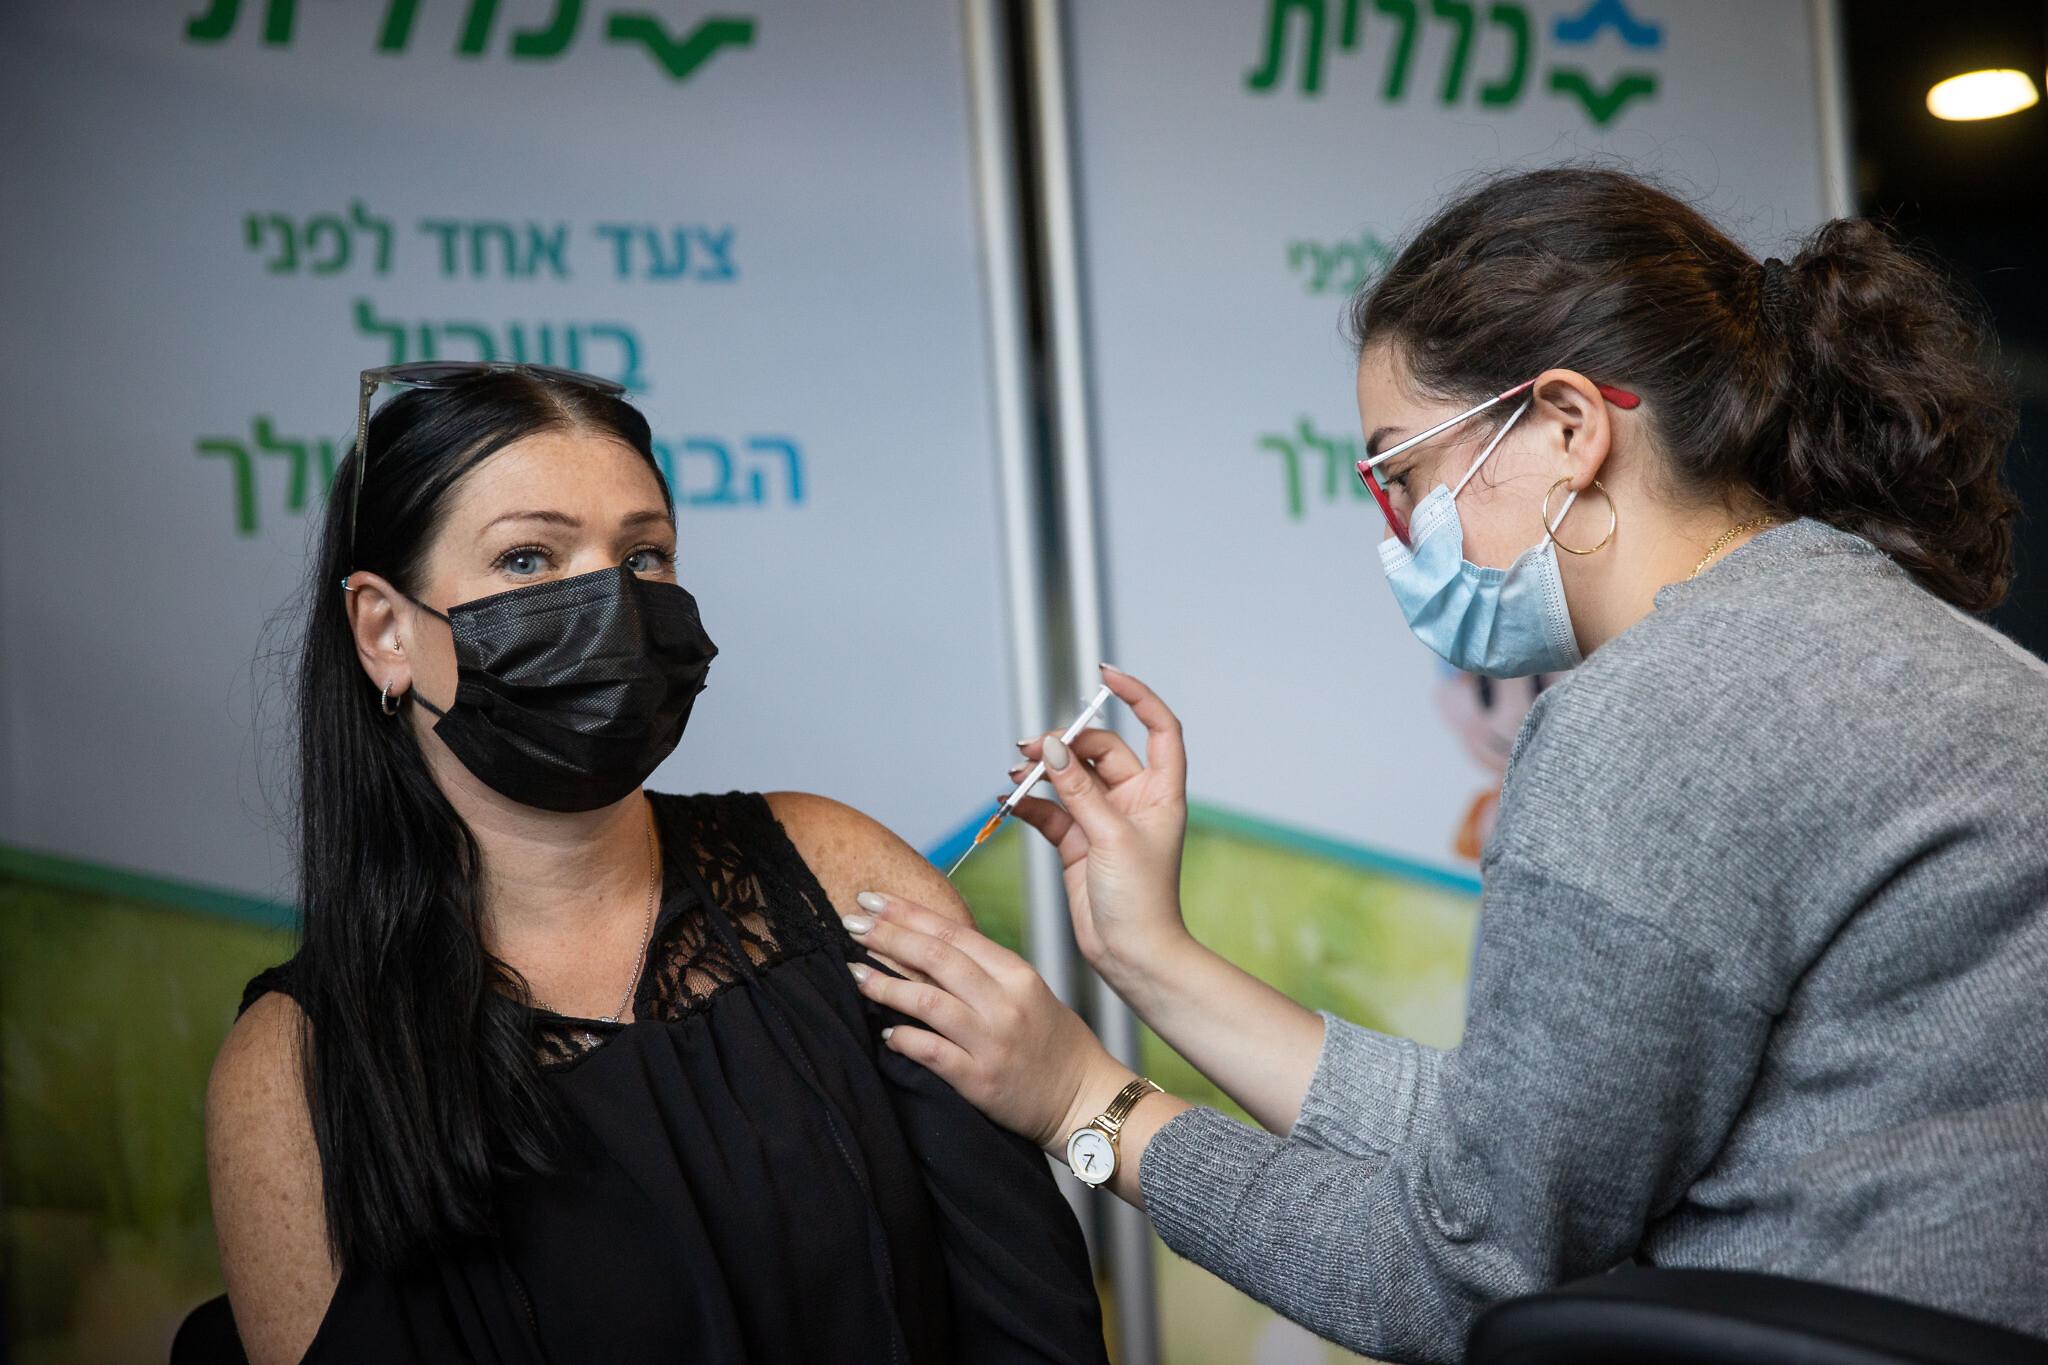 Izraeli tanulmány szerint az első adag vakcina 75 százalékkal csökkenti a koronavírus fertőzéseket